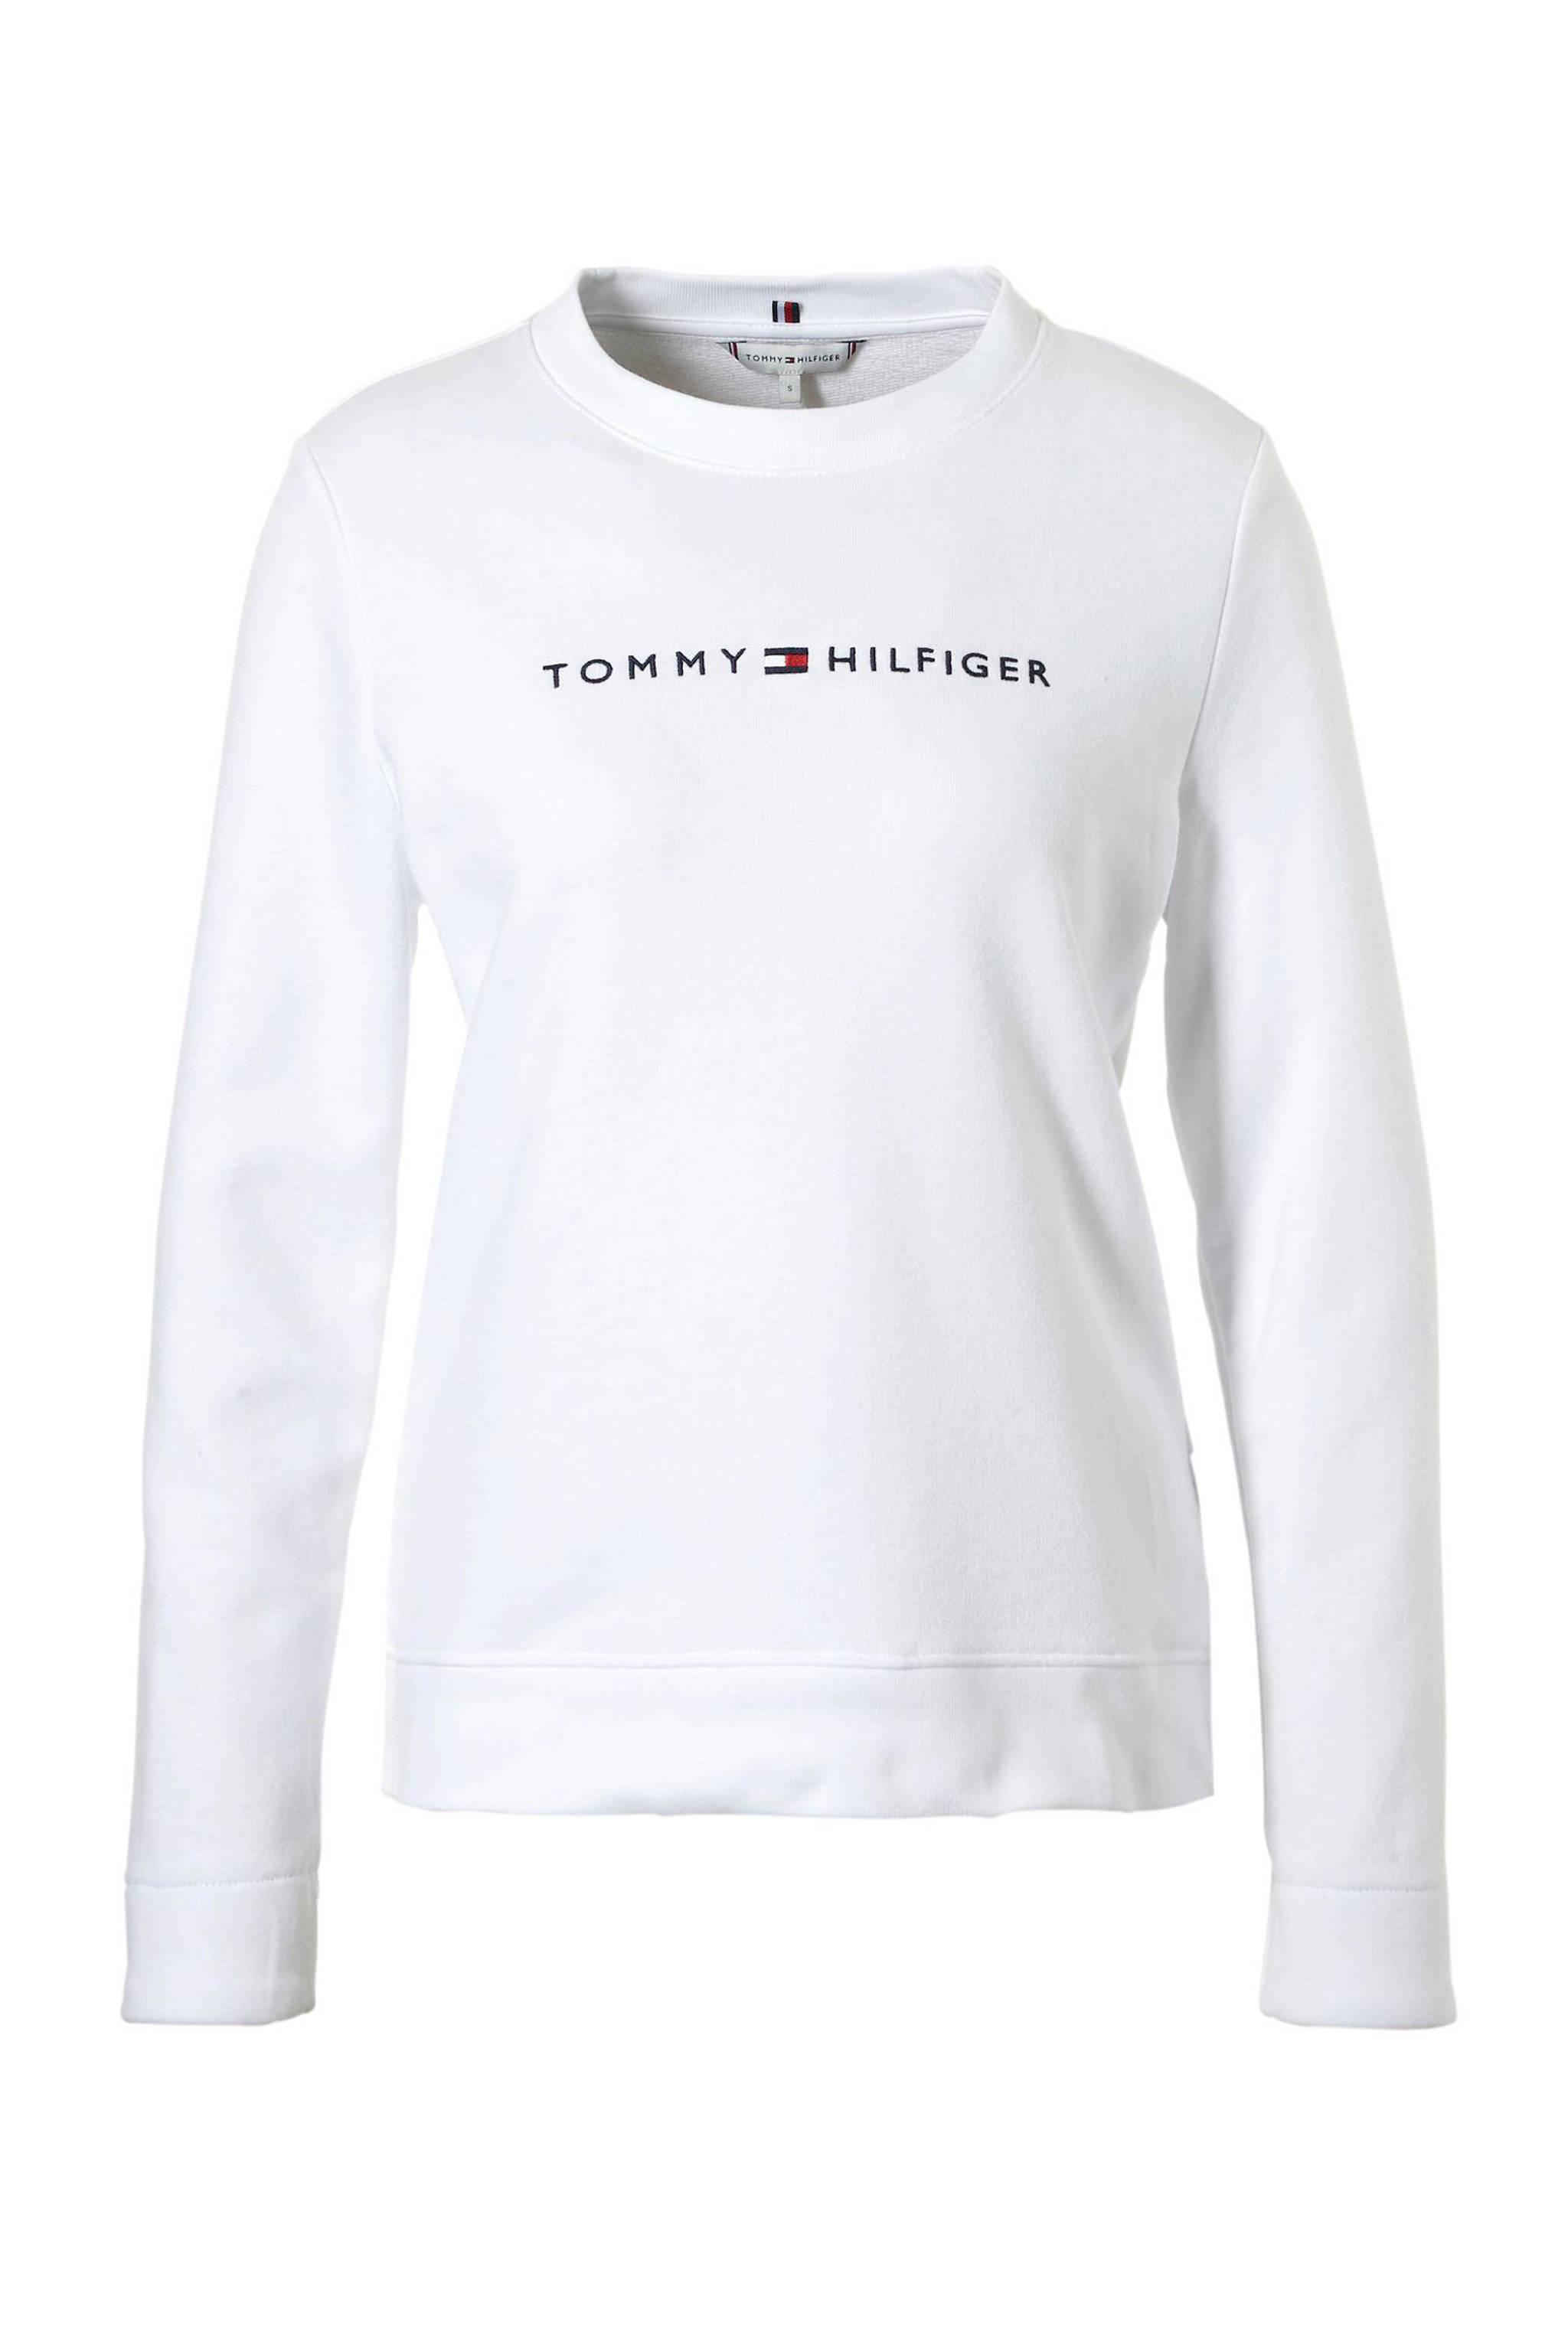 f2dd9cb2e2b Tommy Hilfiger sweater met logo | wehkamp